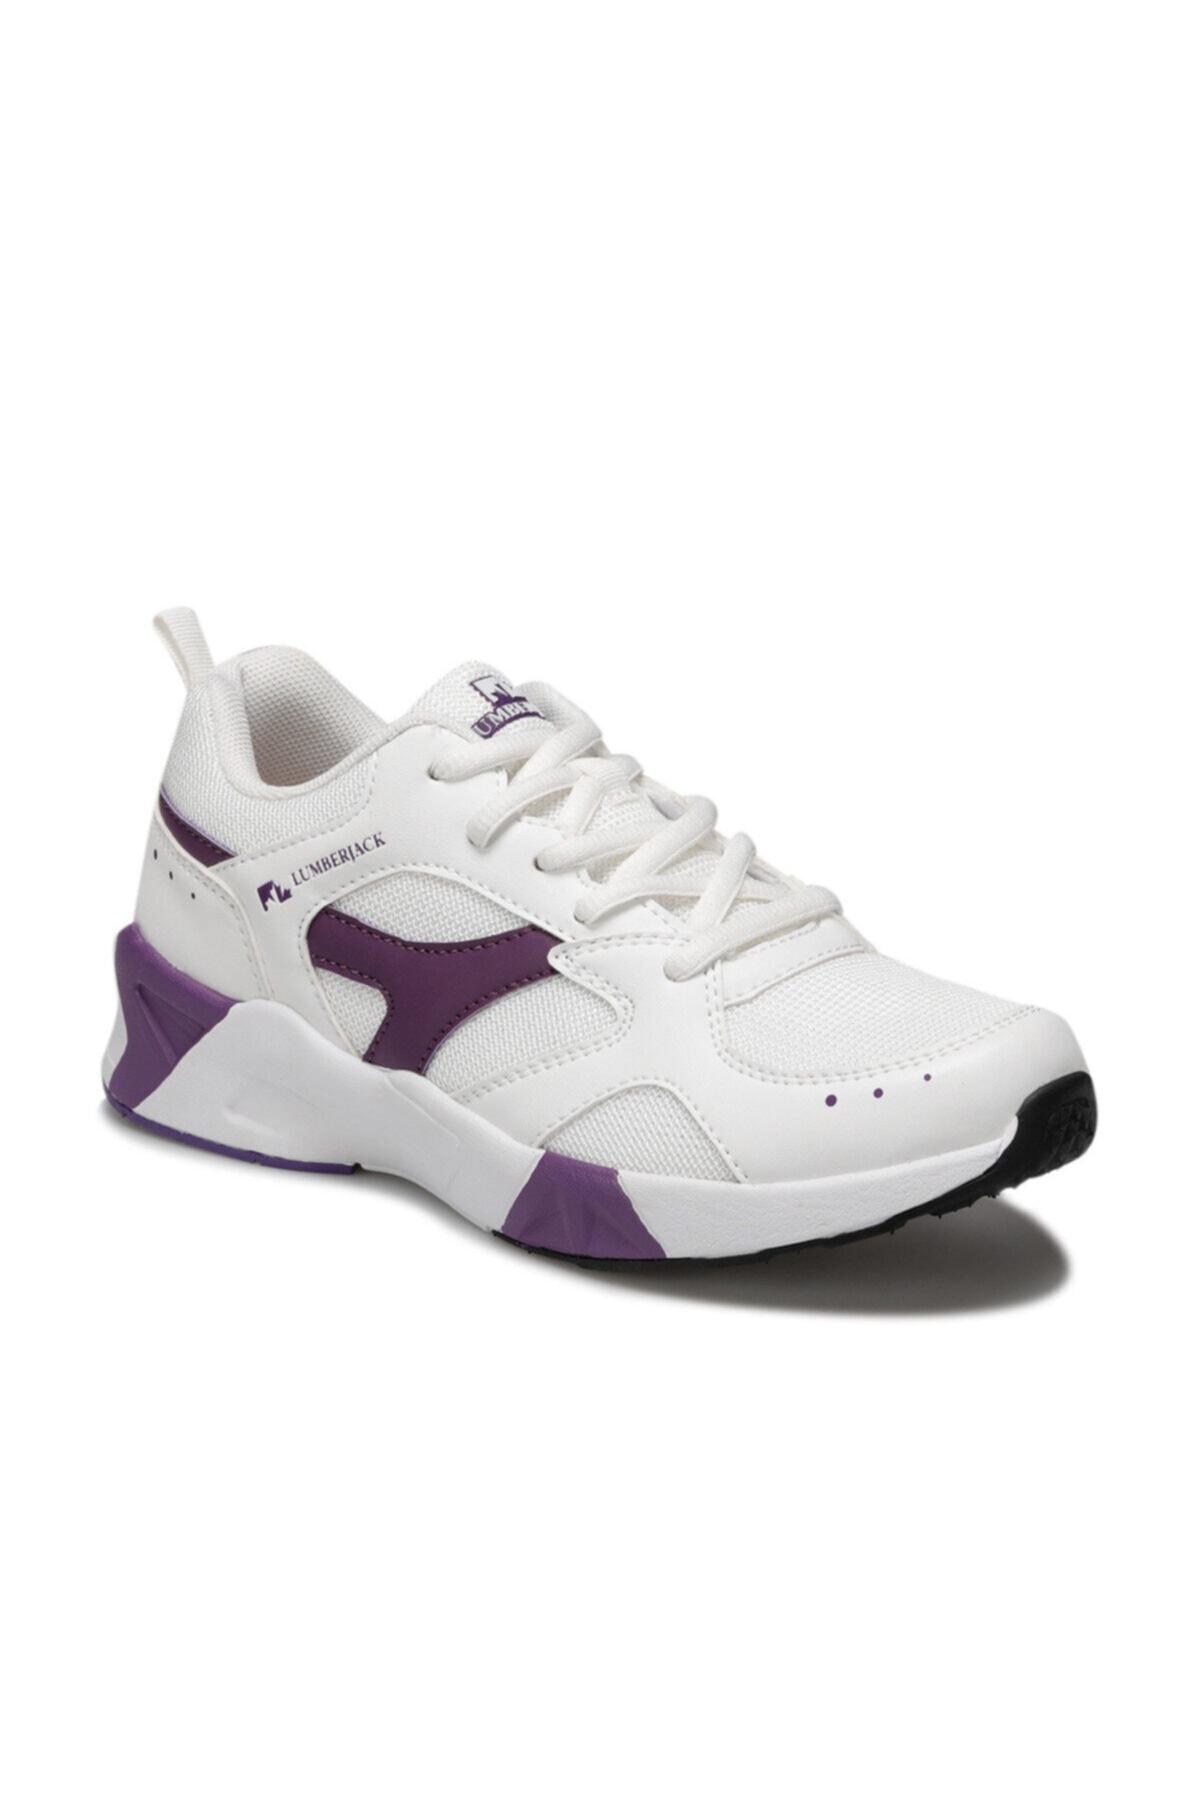 lumberjack Blossom Beyaz Kadın Sneaker Ayakkabı 1